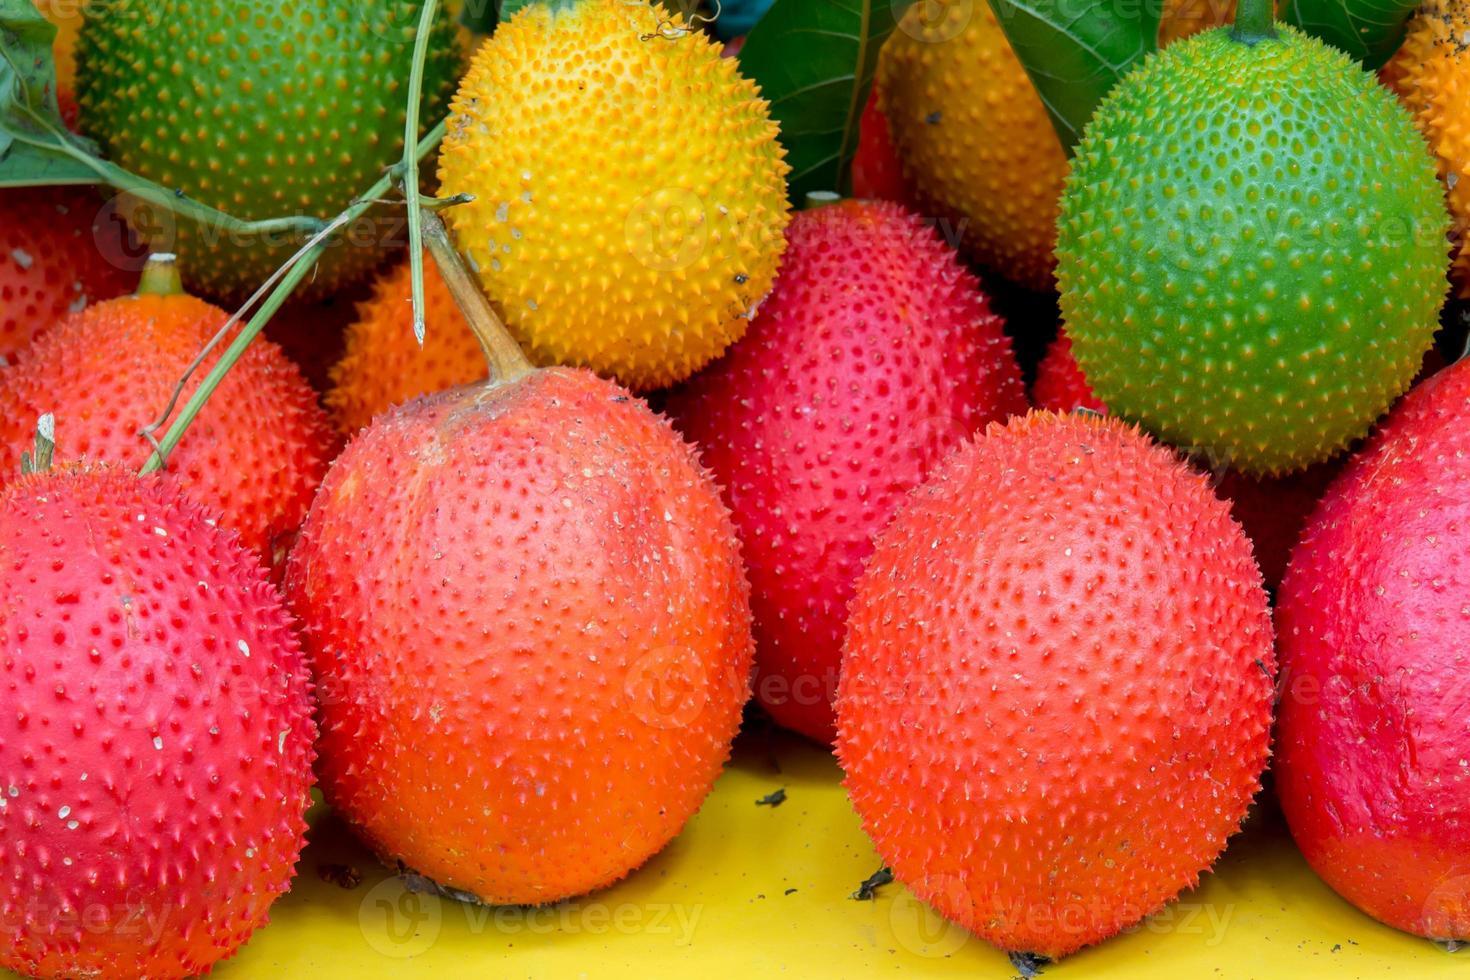 Gac Frucht gesunde Frucht foto